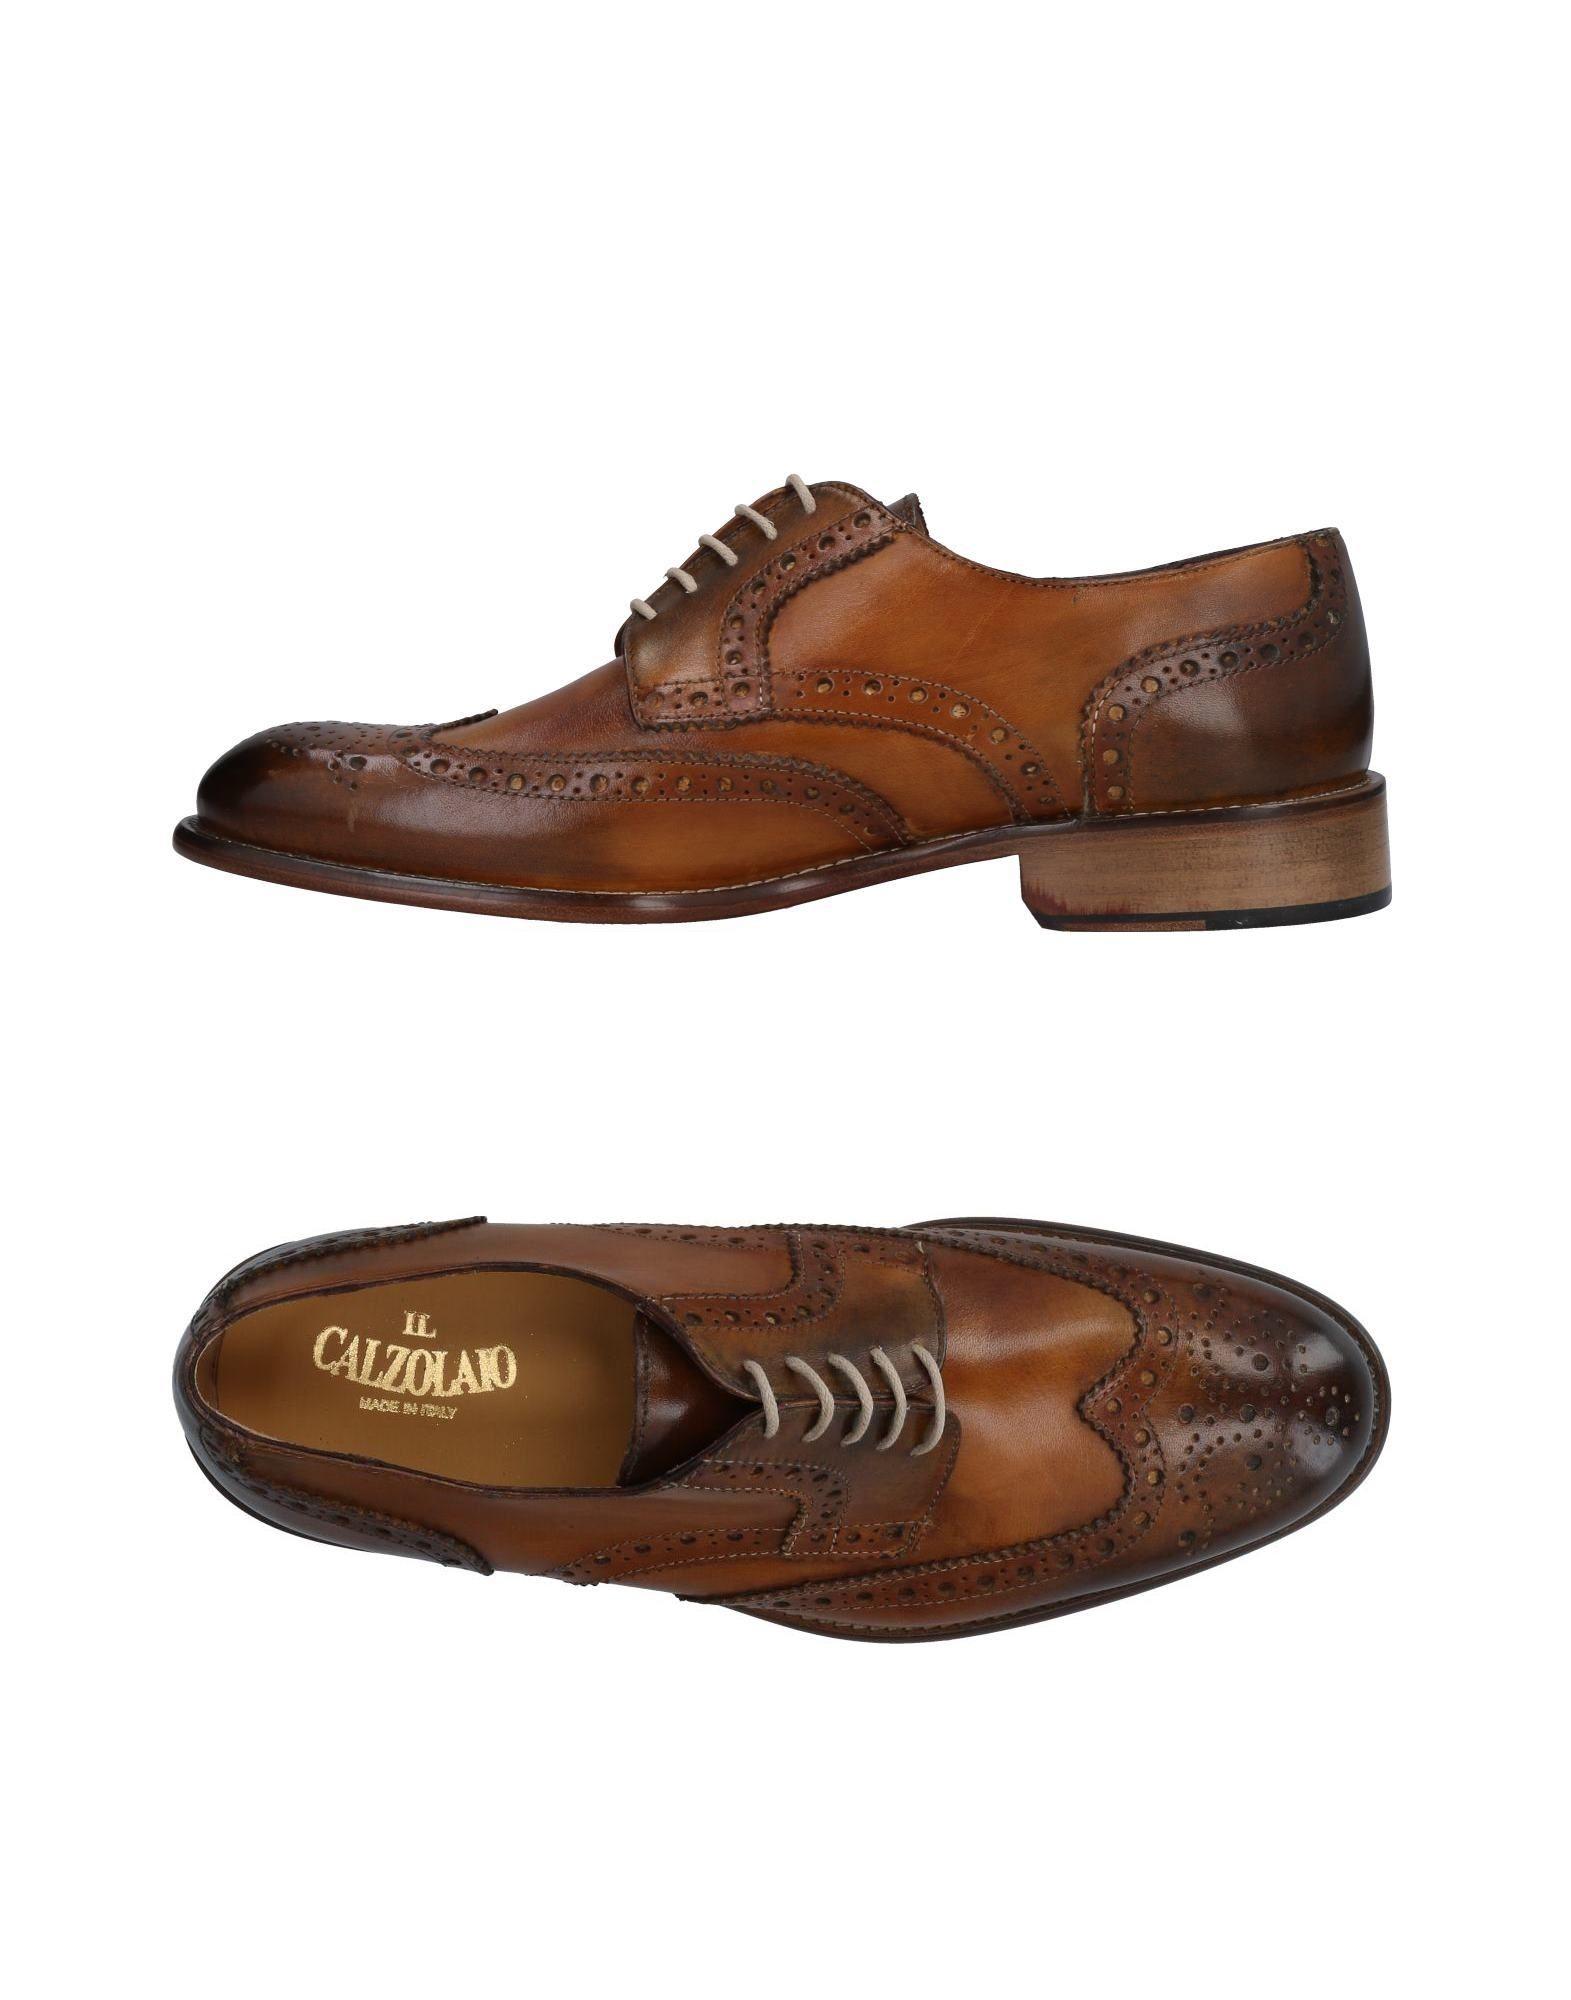 Rabatt echte Schuhe Il Calzolaio Schnürschuhe Herren  11477539UJ